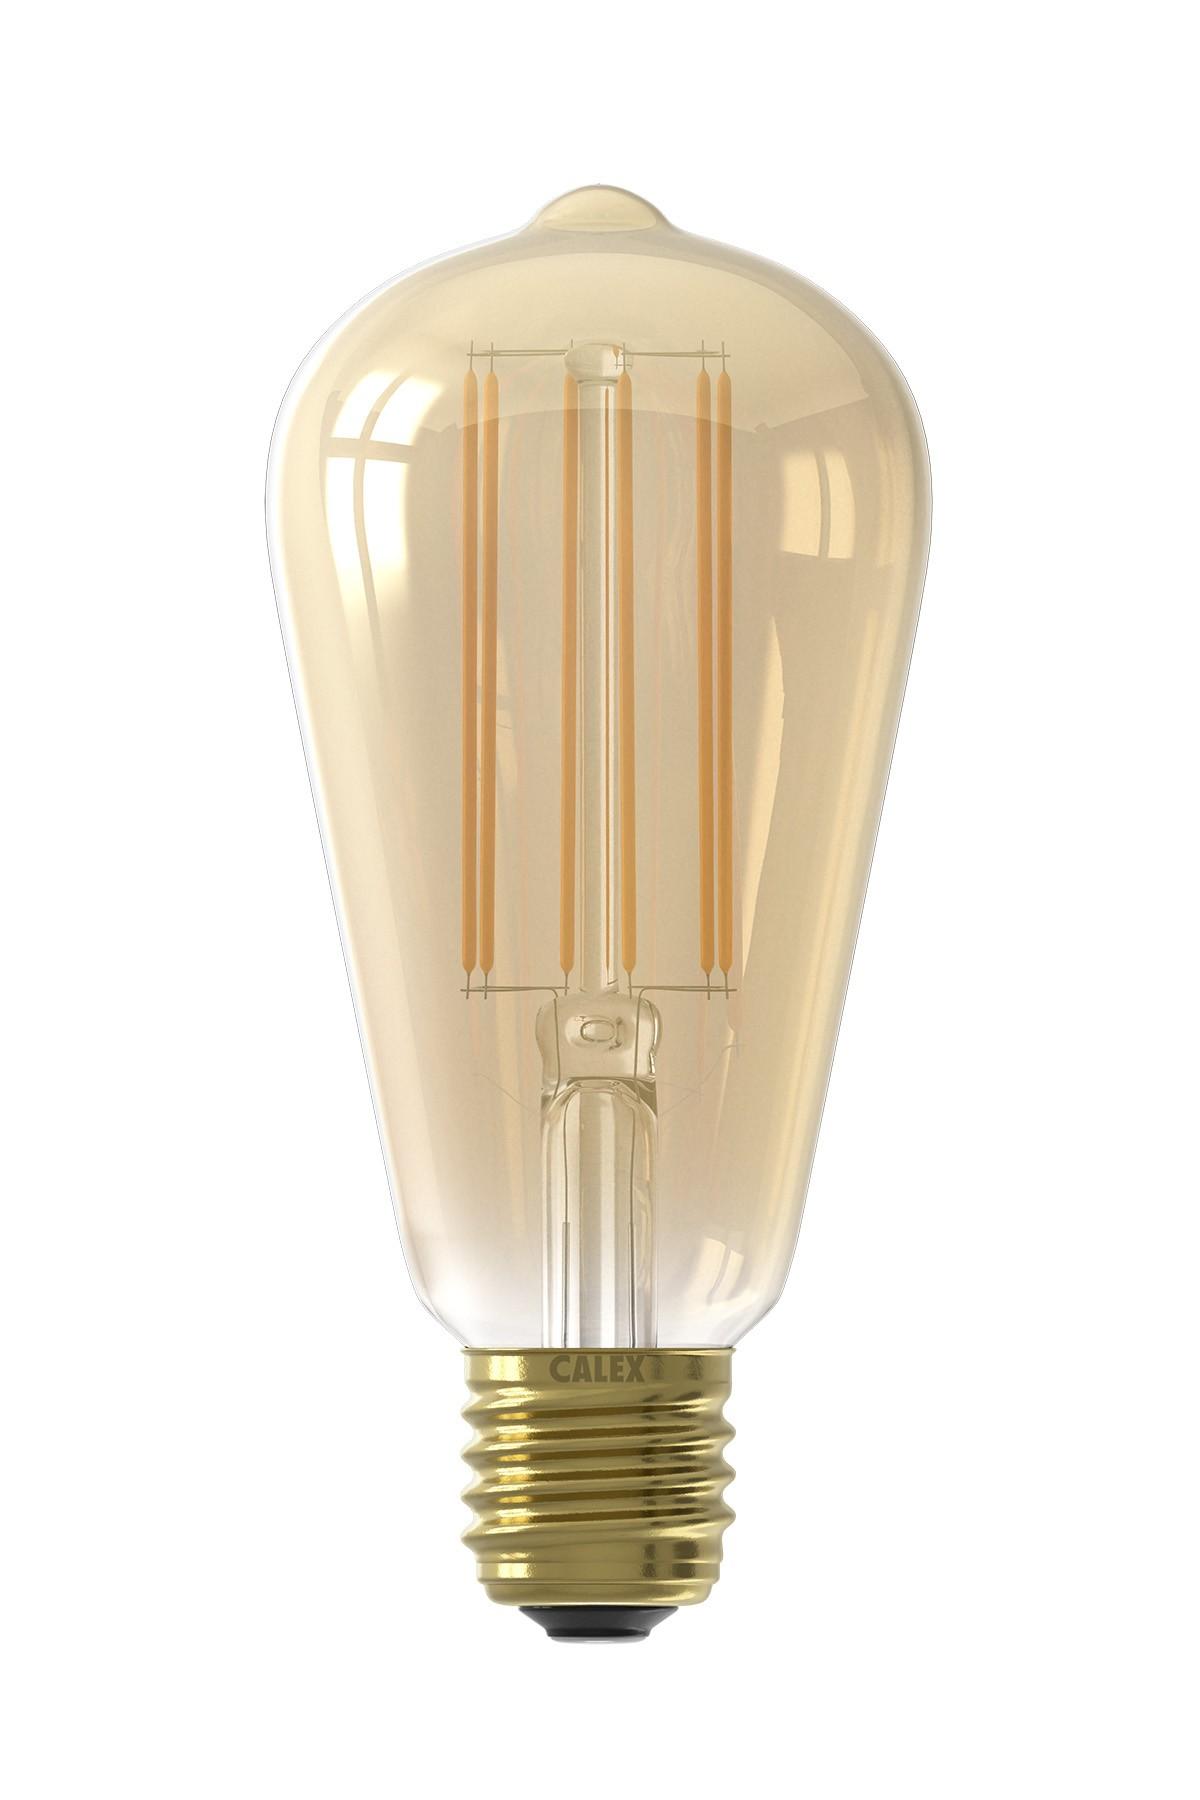 Calex LED Full Glass LongFilament Rustic Lamp 240V 4W 400lm E27 ST64, Gold 2100K with sensor